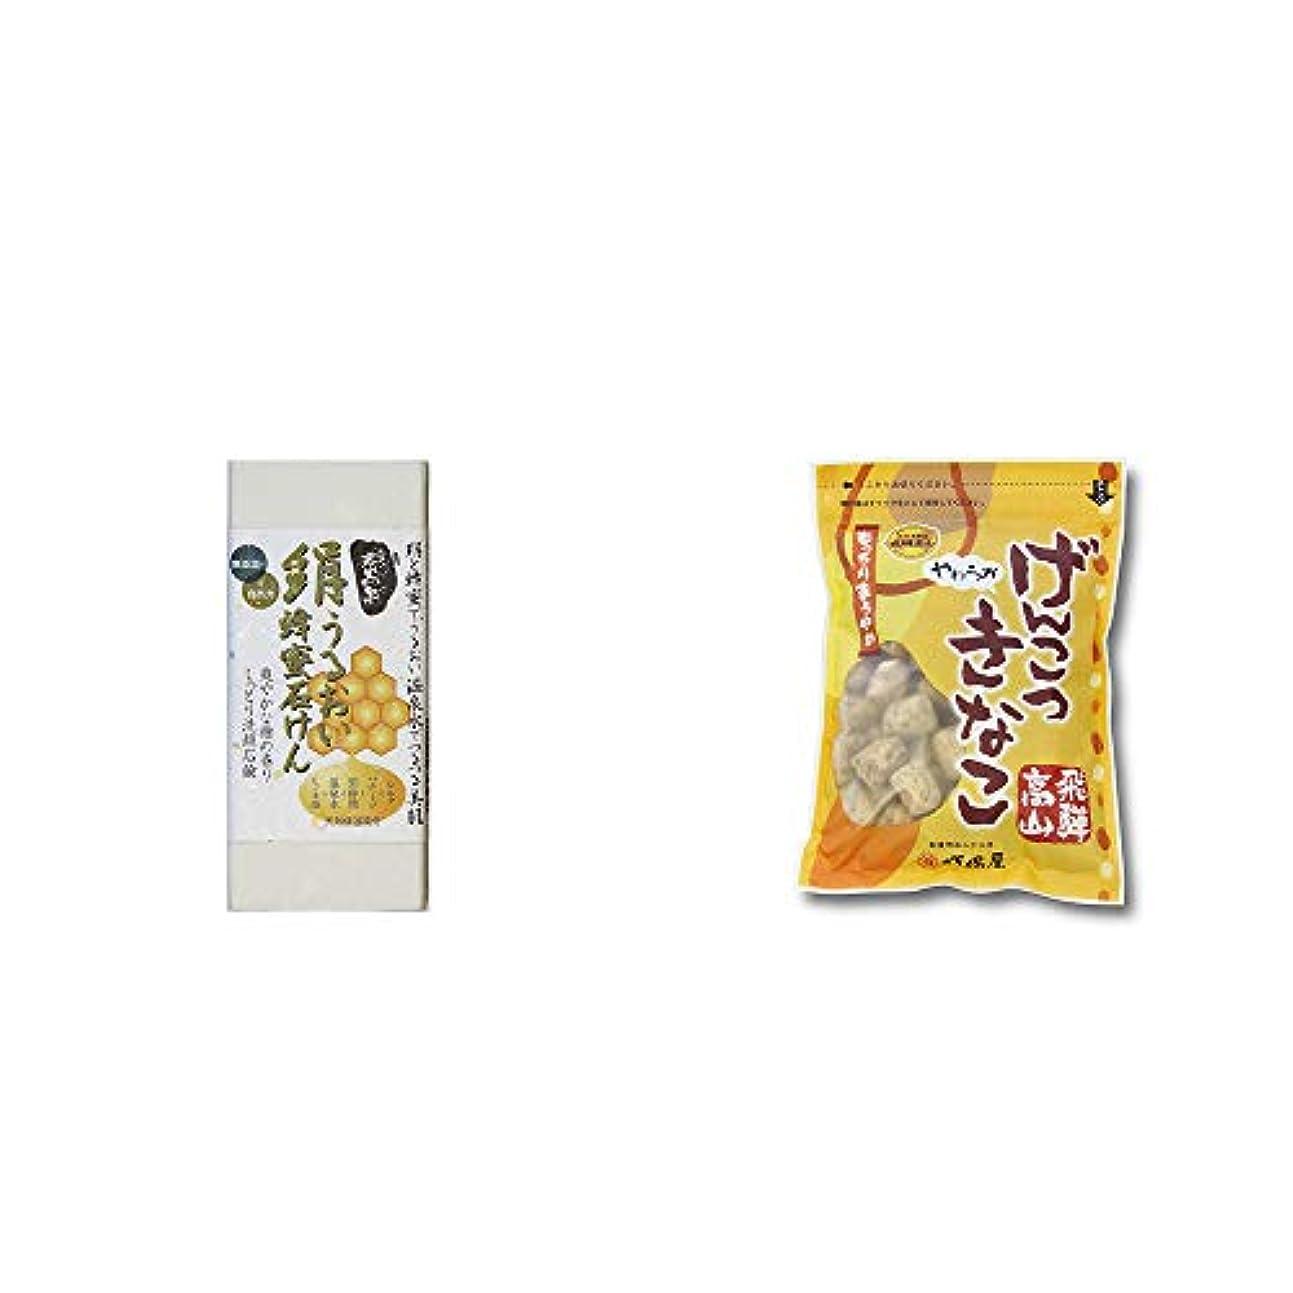 [2点セット] ひのき炭黒泉 絹うるおい蜂蜜石けん(75g×2)?飛騨 打保屋 駄菓子 黒胡麻こくせん(130g)